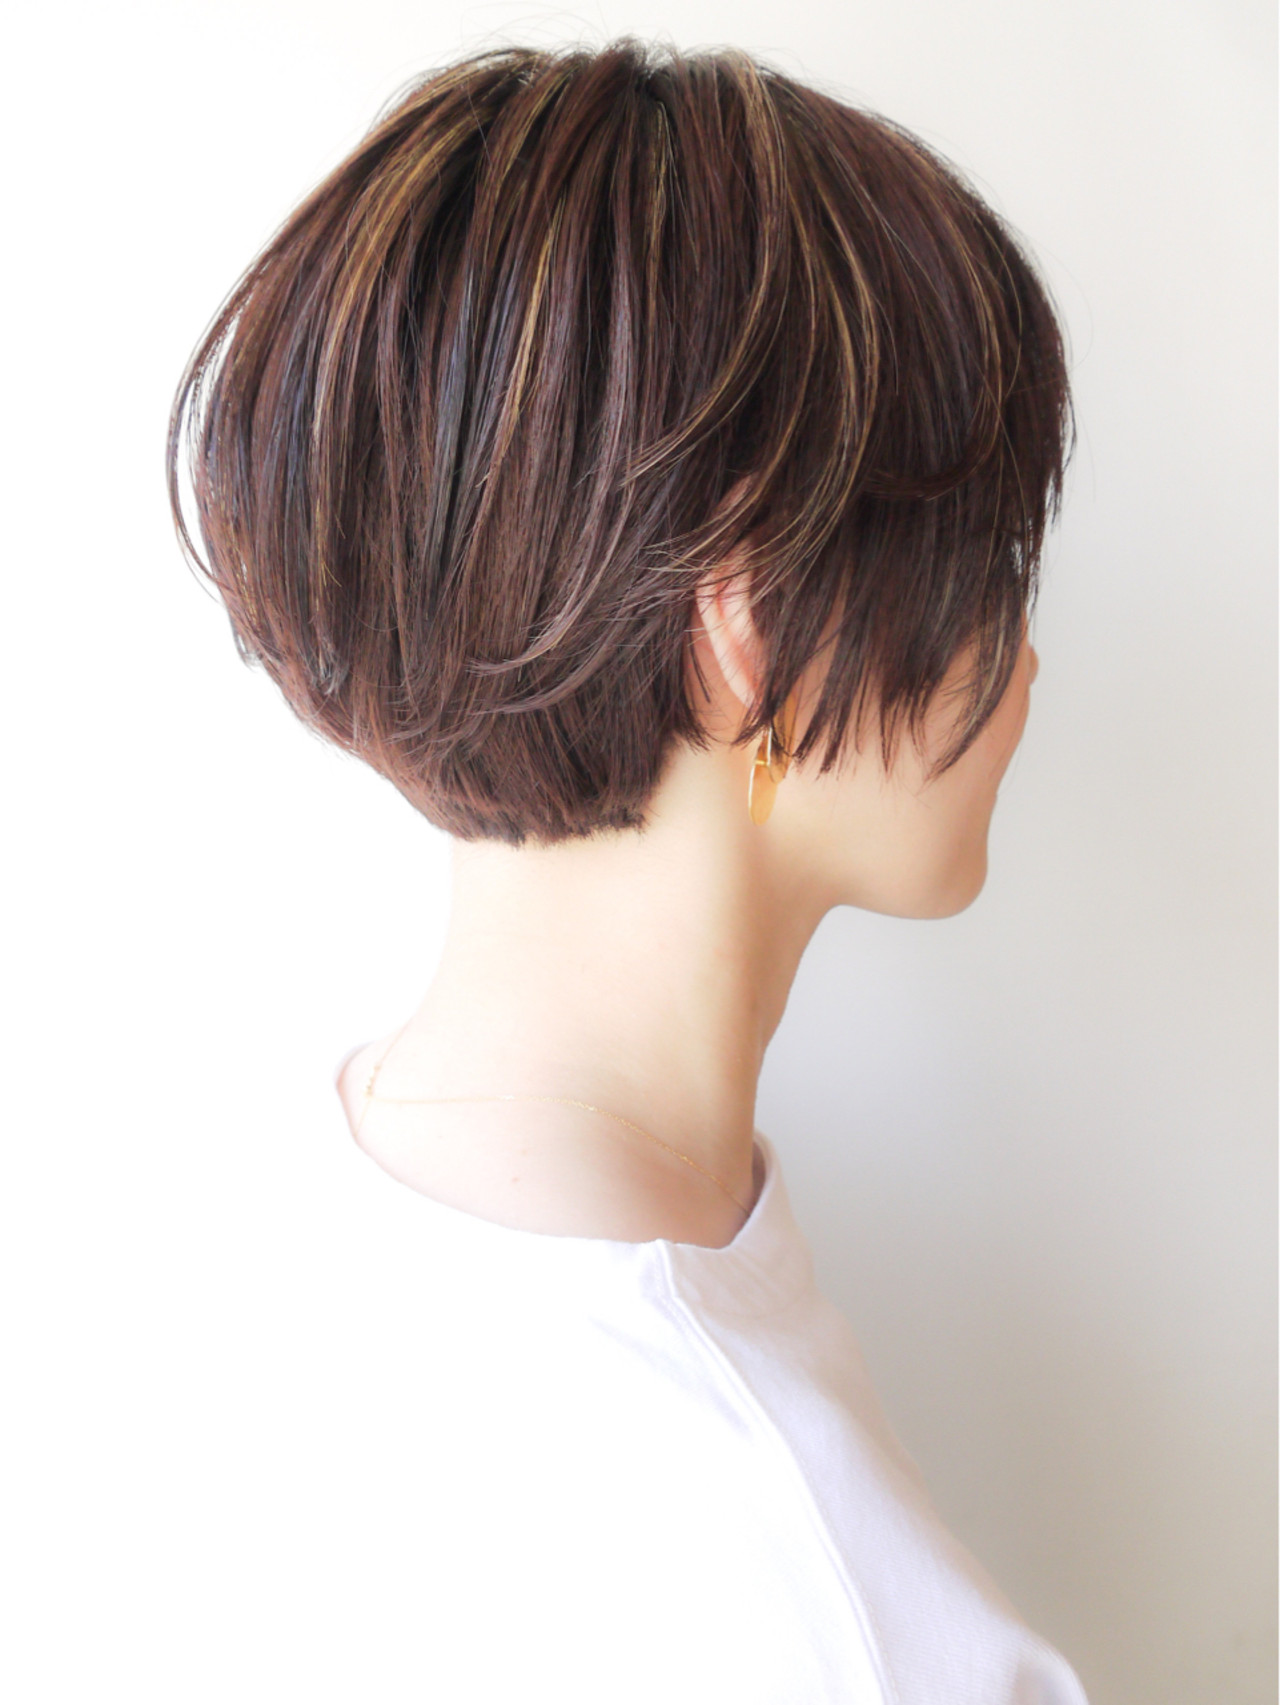 コンサバ ゆるふわ 大人かわいい モテ髪 ヘアスタイルや髪型の写真・画像 | HIROKI / roijir / roijir